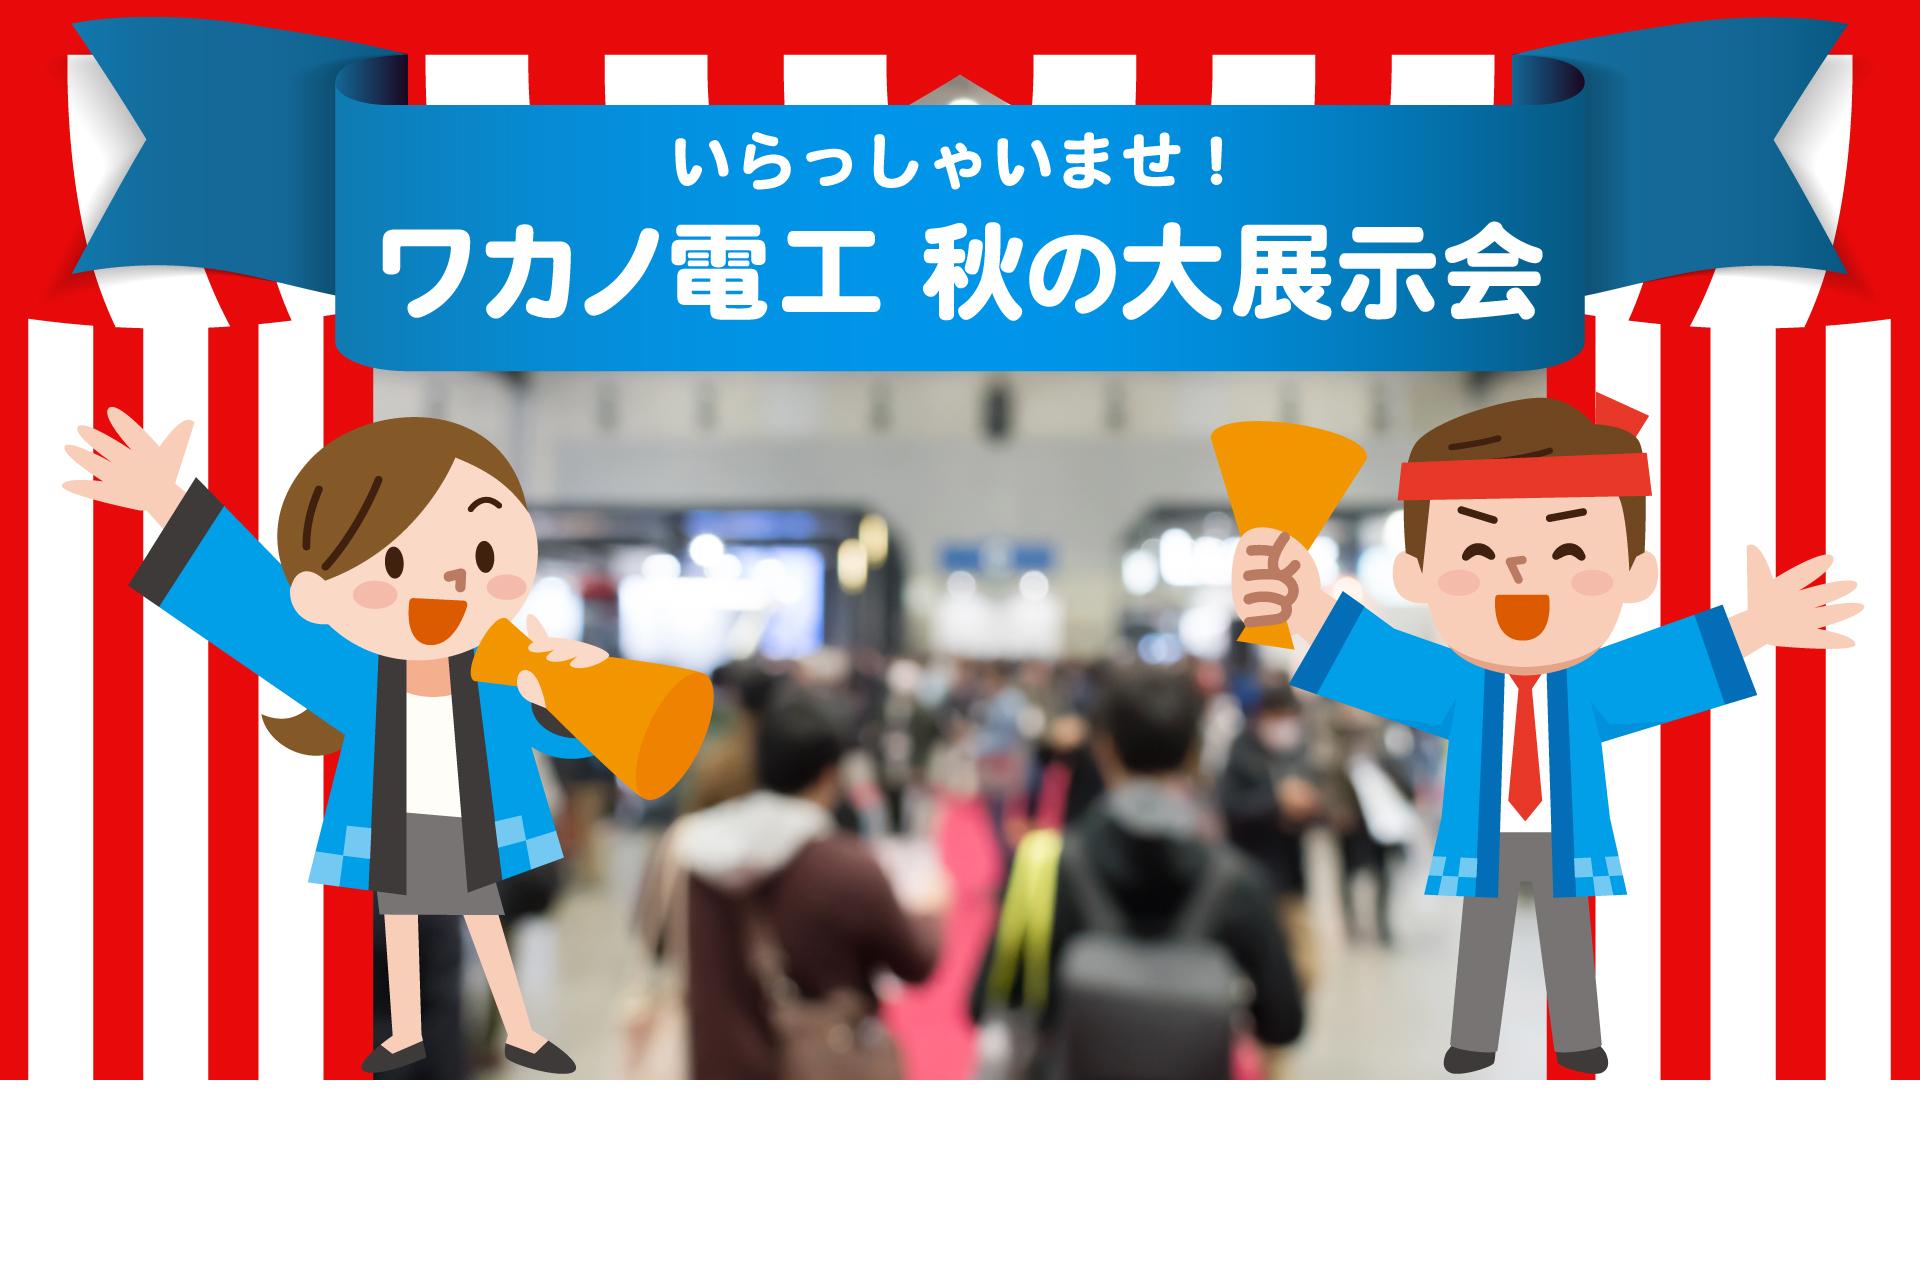 ワカノ電工web展示会